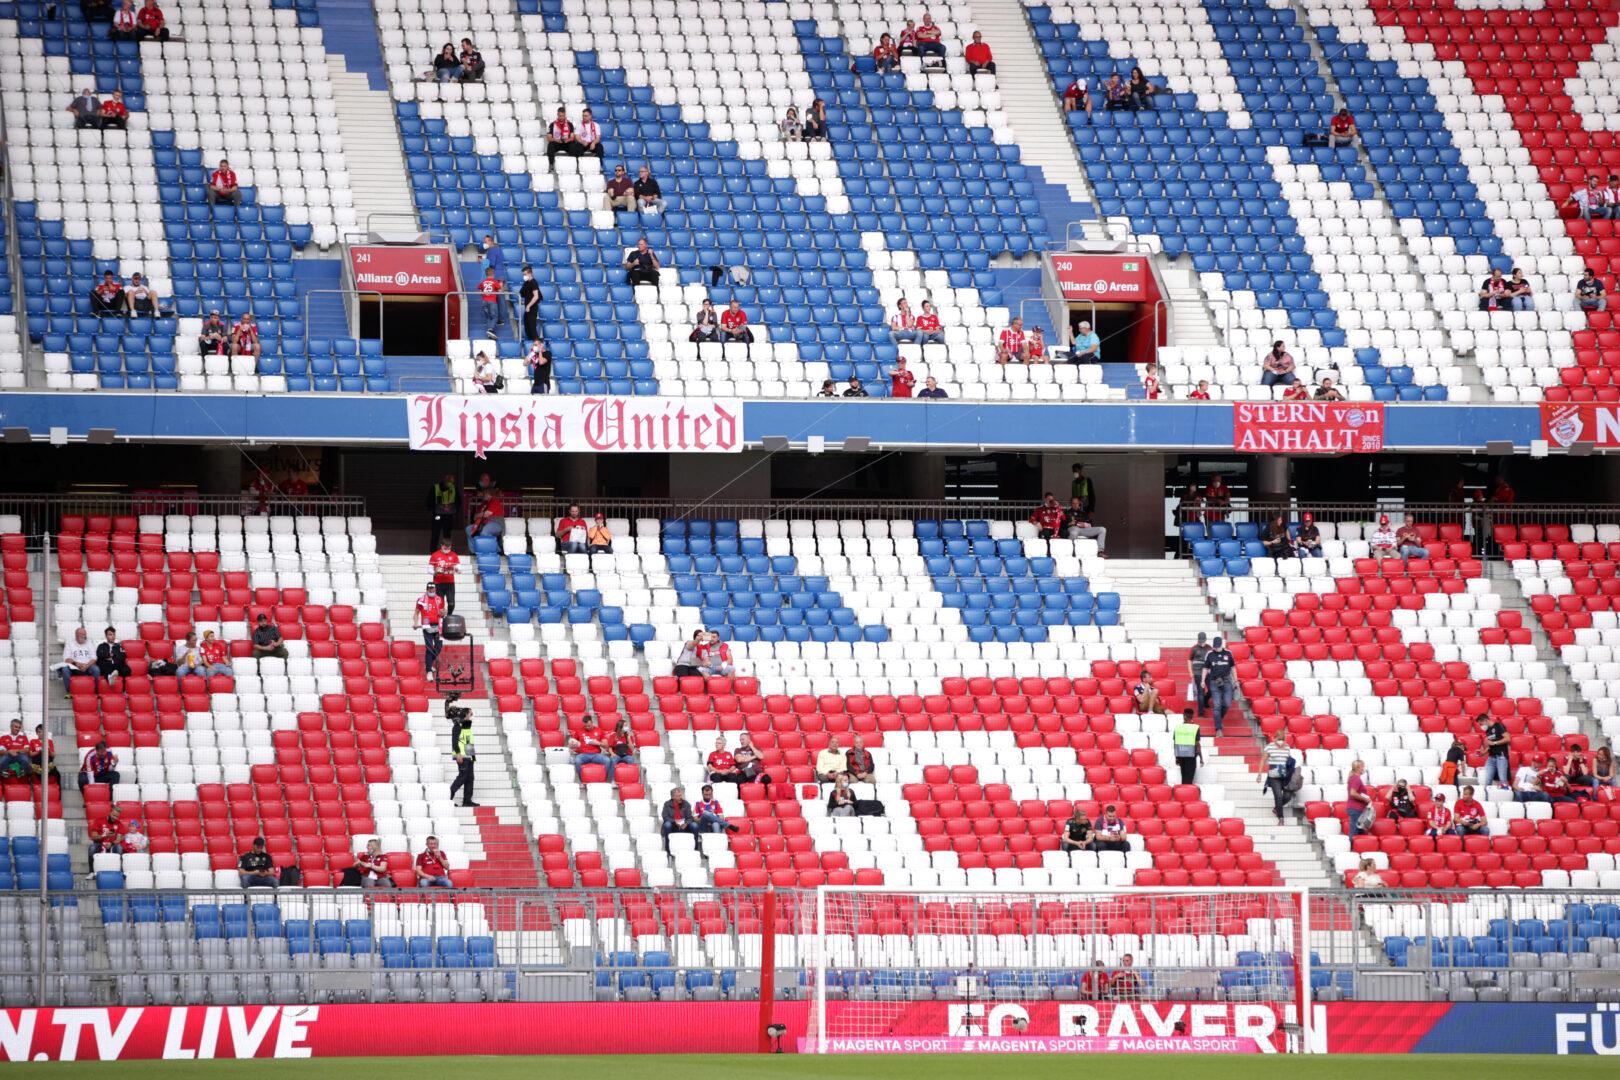 Eine fast leere Tribüne in der Allianz Arena des FC Bayern München